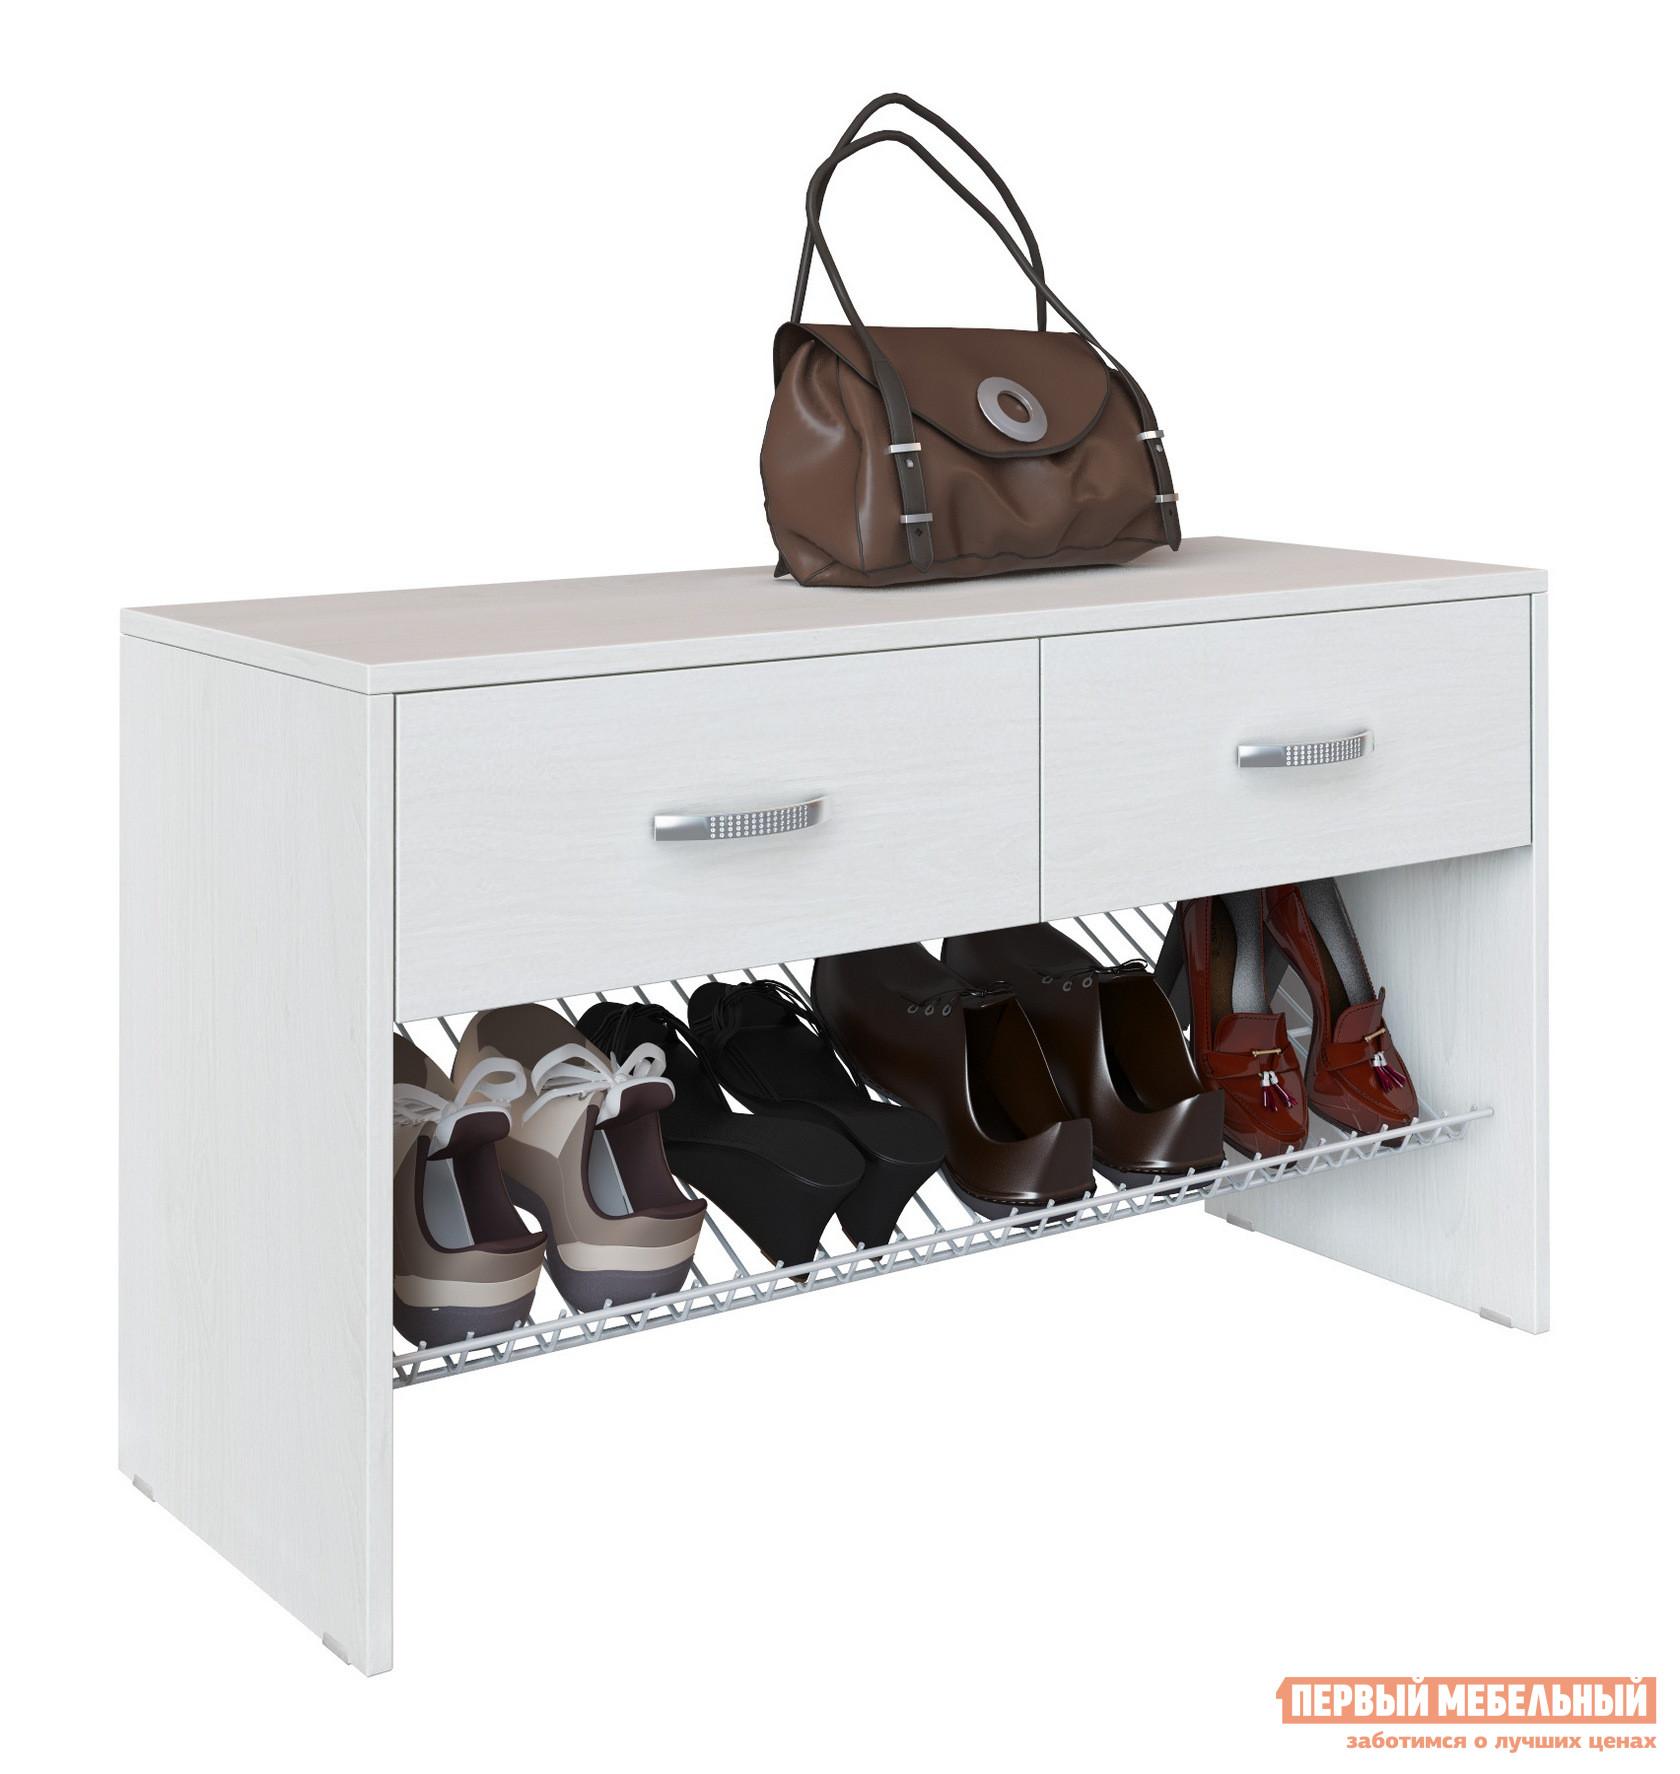 Обувница МФ Мастер Тумба Талио-2 БелыйОбувницы<br>Габаритные размеры ВхШхГ 546x940x350 мм. Небольшая обувница для прихожей или гардеробной комнаты.  Модель имеет два выдвижных ящика для разных мелочей и широкую сетку на четыре пары обуви.  На верхней крышке удобно поставить сумки.  Цветовое разнообразие модели позволит подобрать обувницу под любой интерьер. Изготавливается из ЛДСП. Обратите внимание! Обувницу не рекомендуется использоваться в качестве банкетки для переобувания!<br><br>Цвет: Белый<br>Цвет: Белый<br>Цвет: Светлое дерево<br>Высота мм: 546<br>Ширина мм: 940<br>Глубина мм: 350<br>Кол-во упаковок: 1<br>Форма поставки: В разобранном виде<br>Срок гарантии: 2 года<br>Тип: Открытые<br>Материал: Деревянные, из ЛДСП<br>Размер: Широкие<br>Глубина: Глубокие<br>Особенности: Дешевые